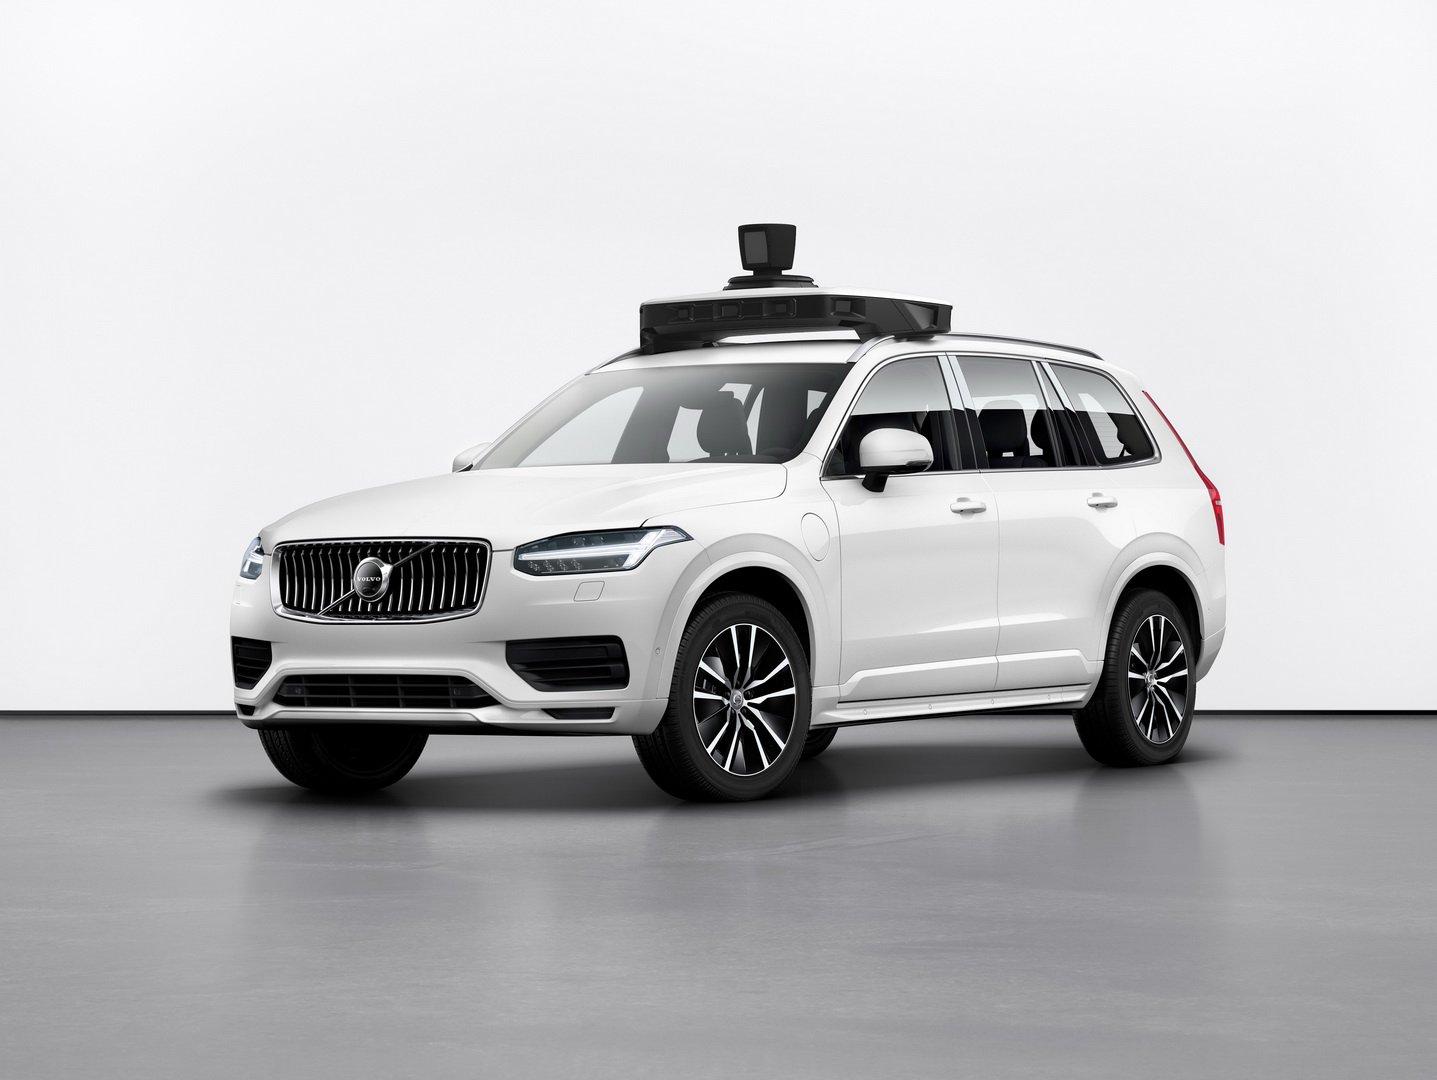 Volvo-XC90-autonomous-Uber-1